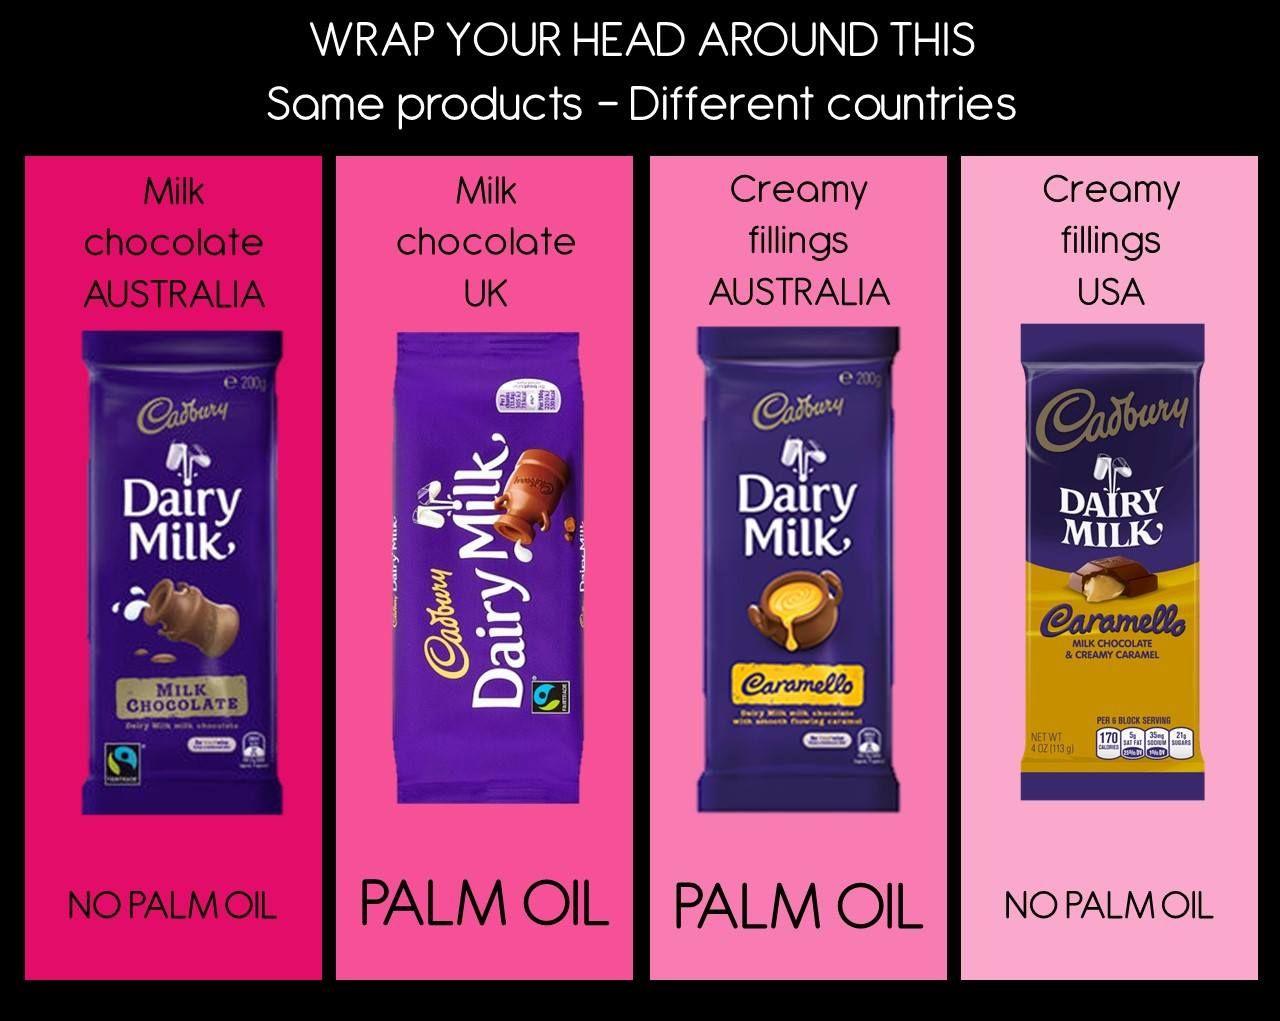 cadbury palm oil